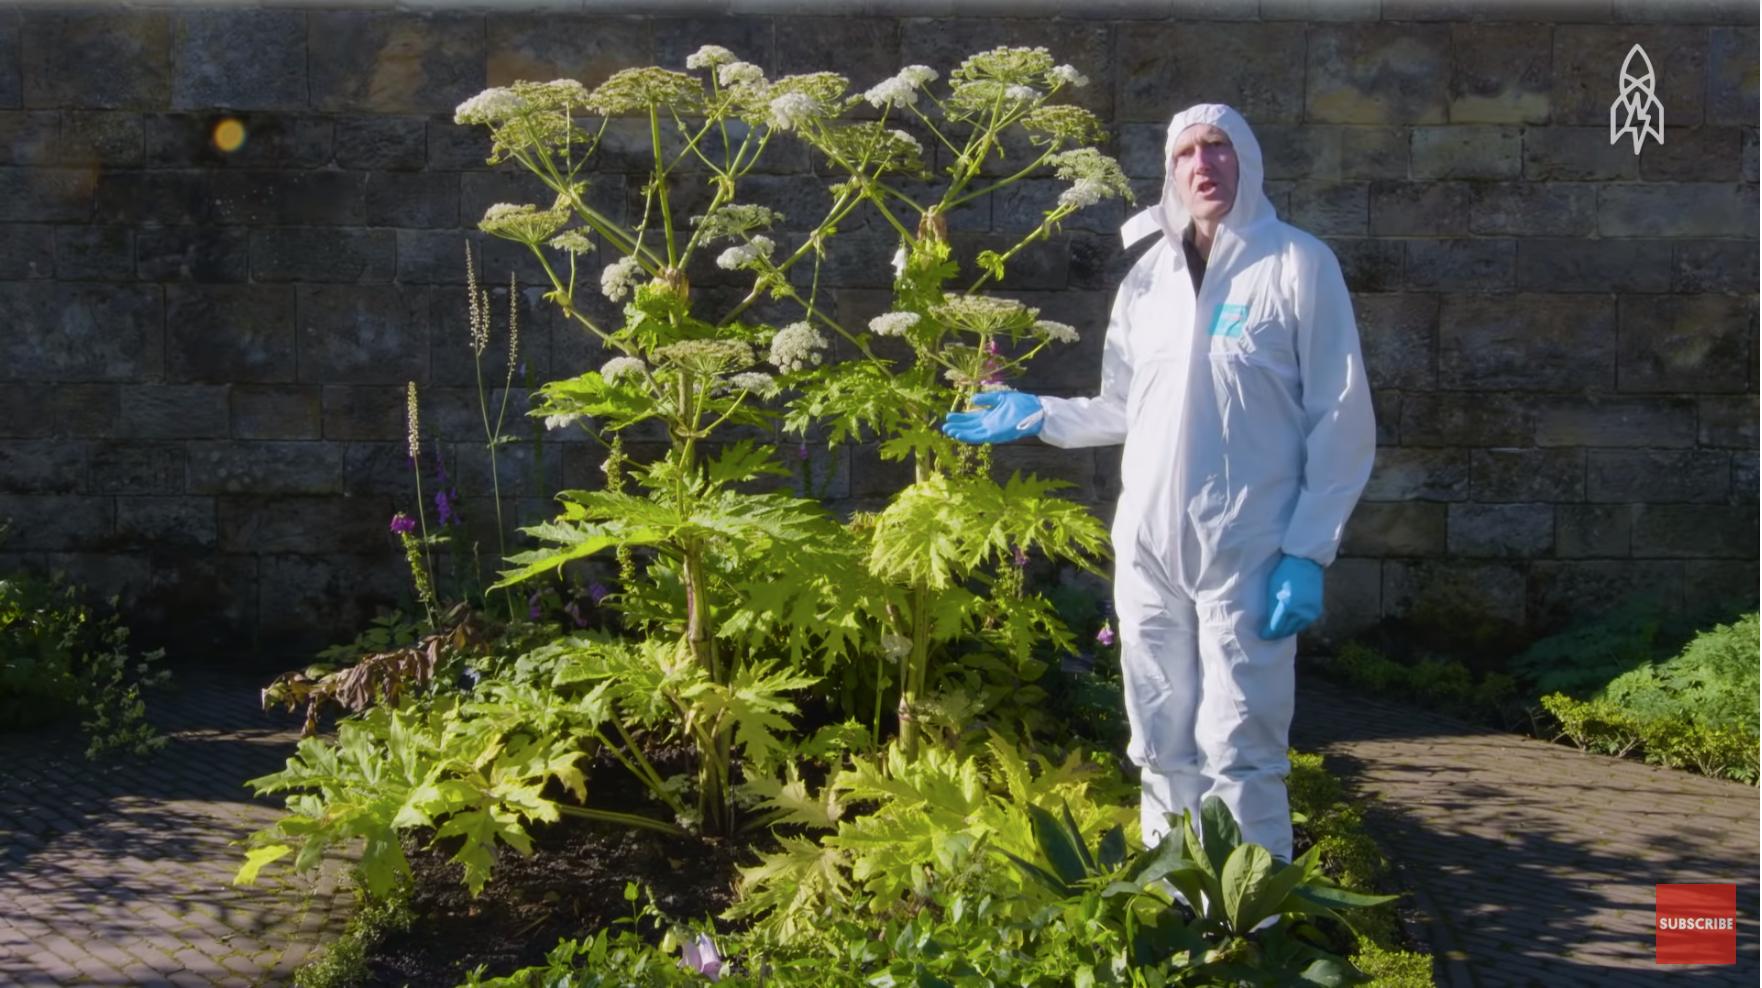 The World S Deadliest Garden Lies Inside An Ancient English Castle Upworthy